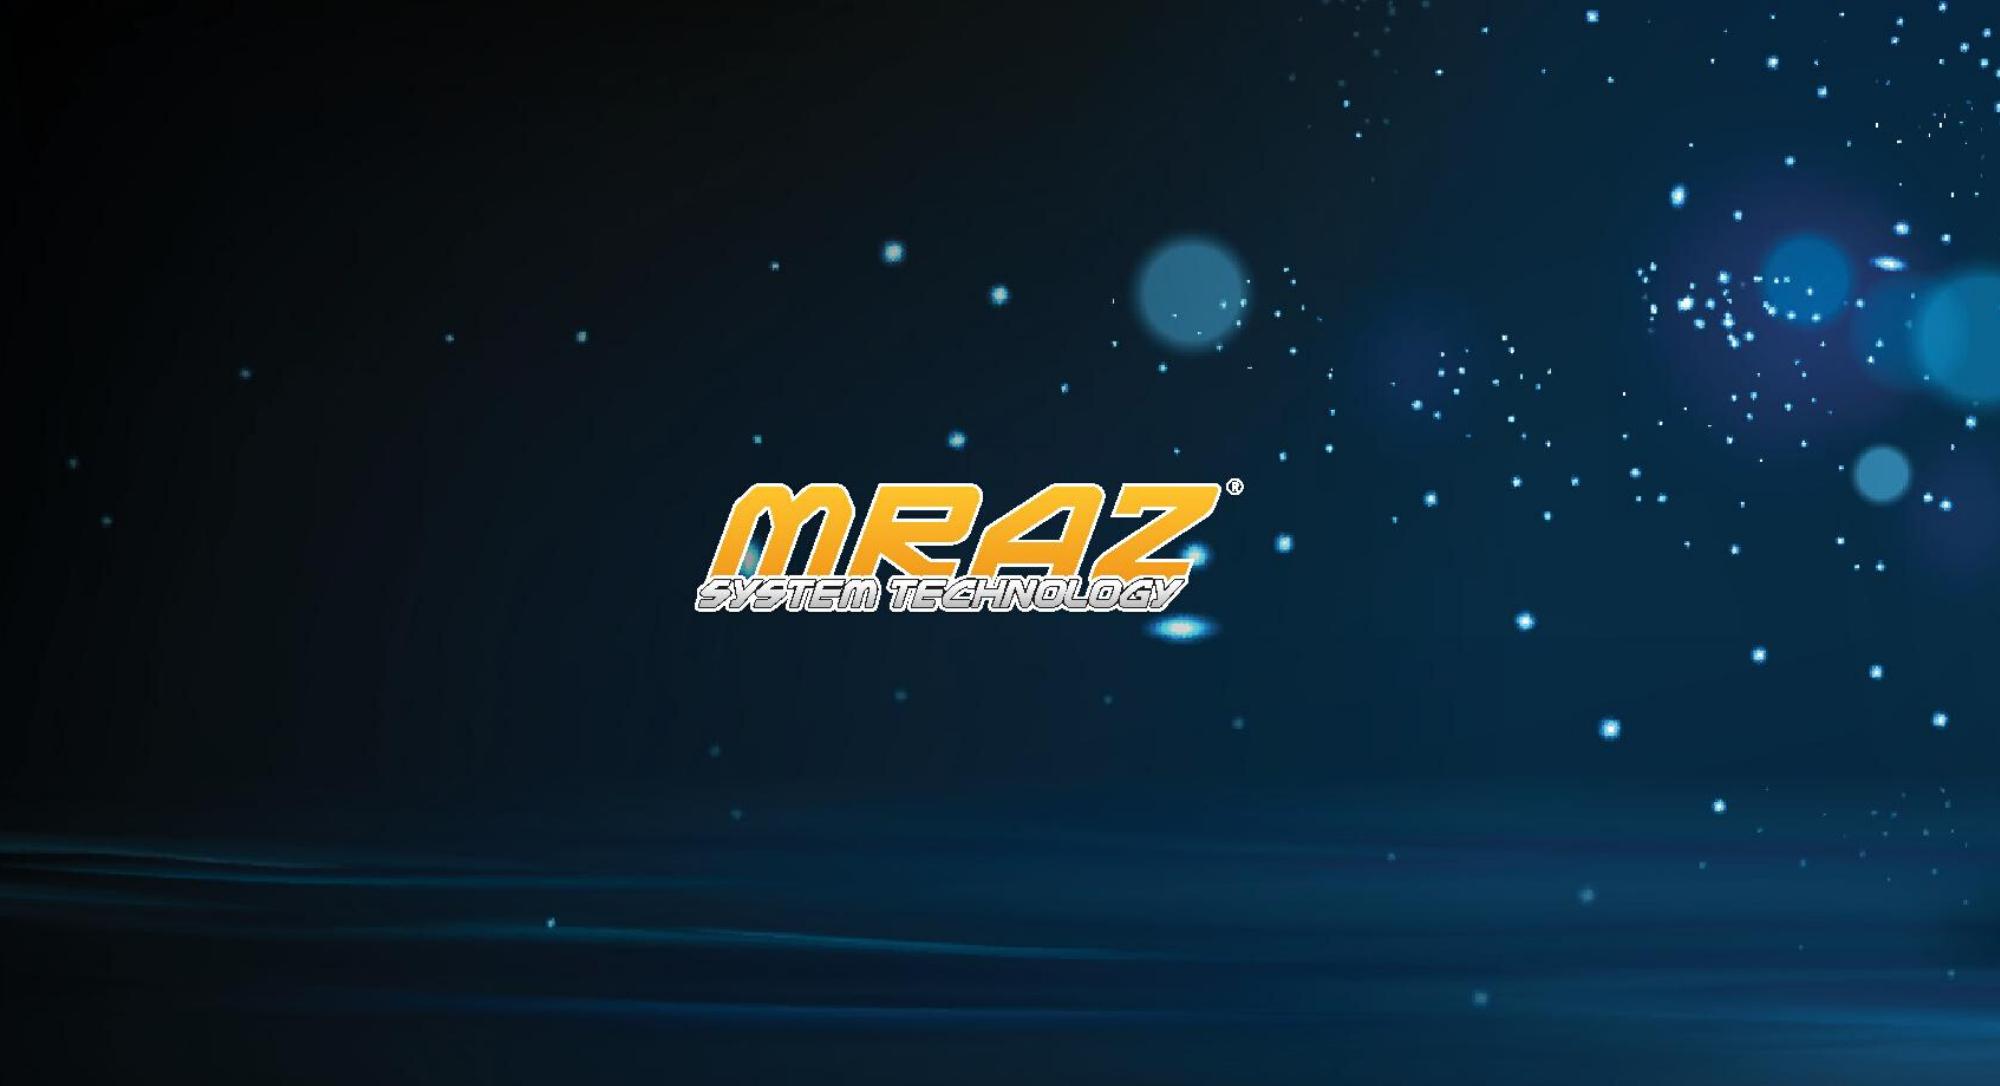 MRAZ System Technology